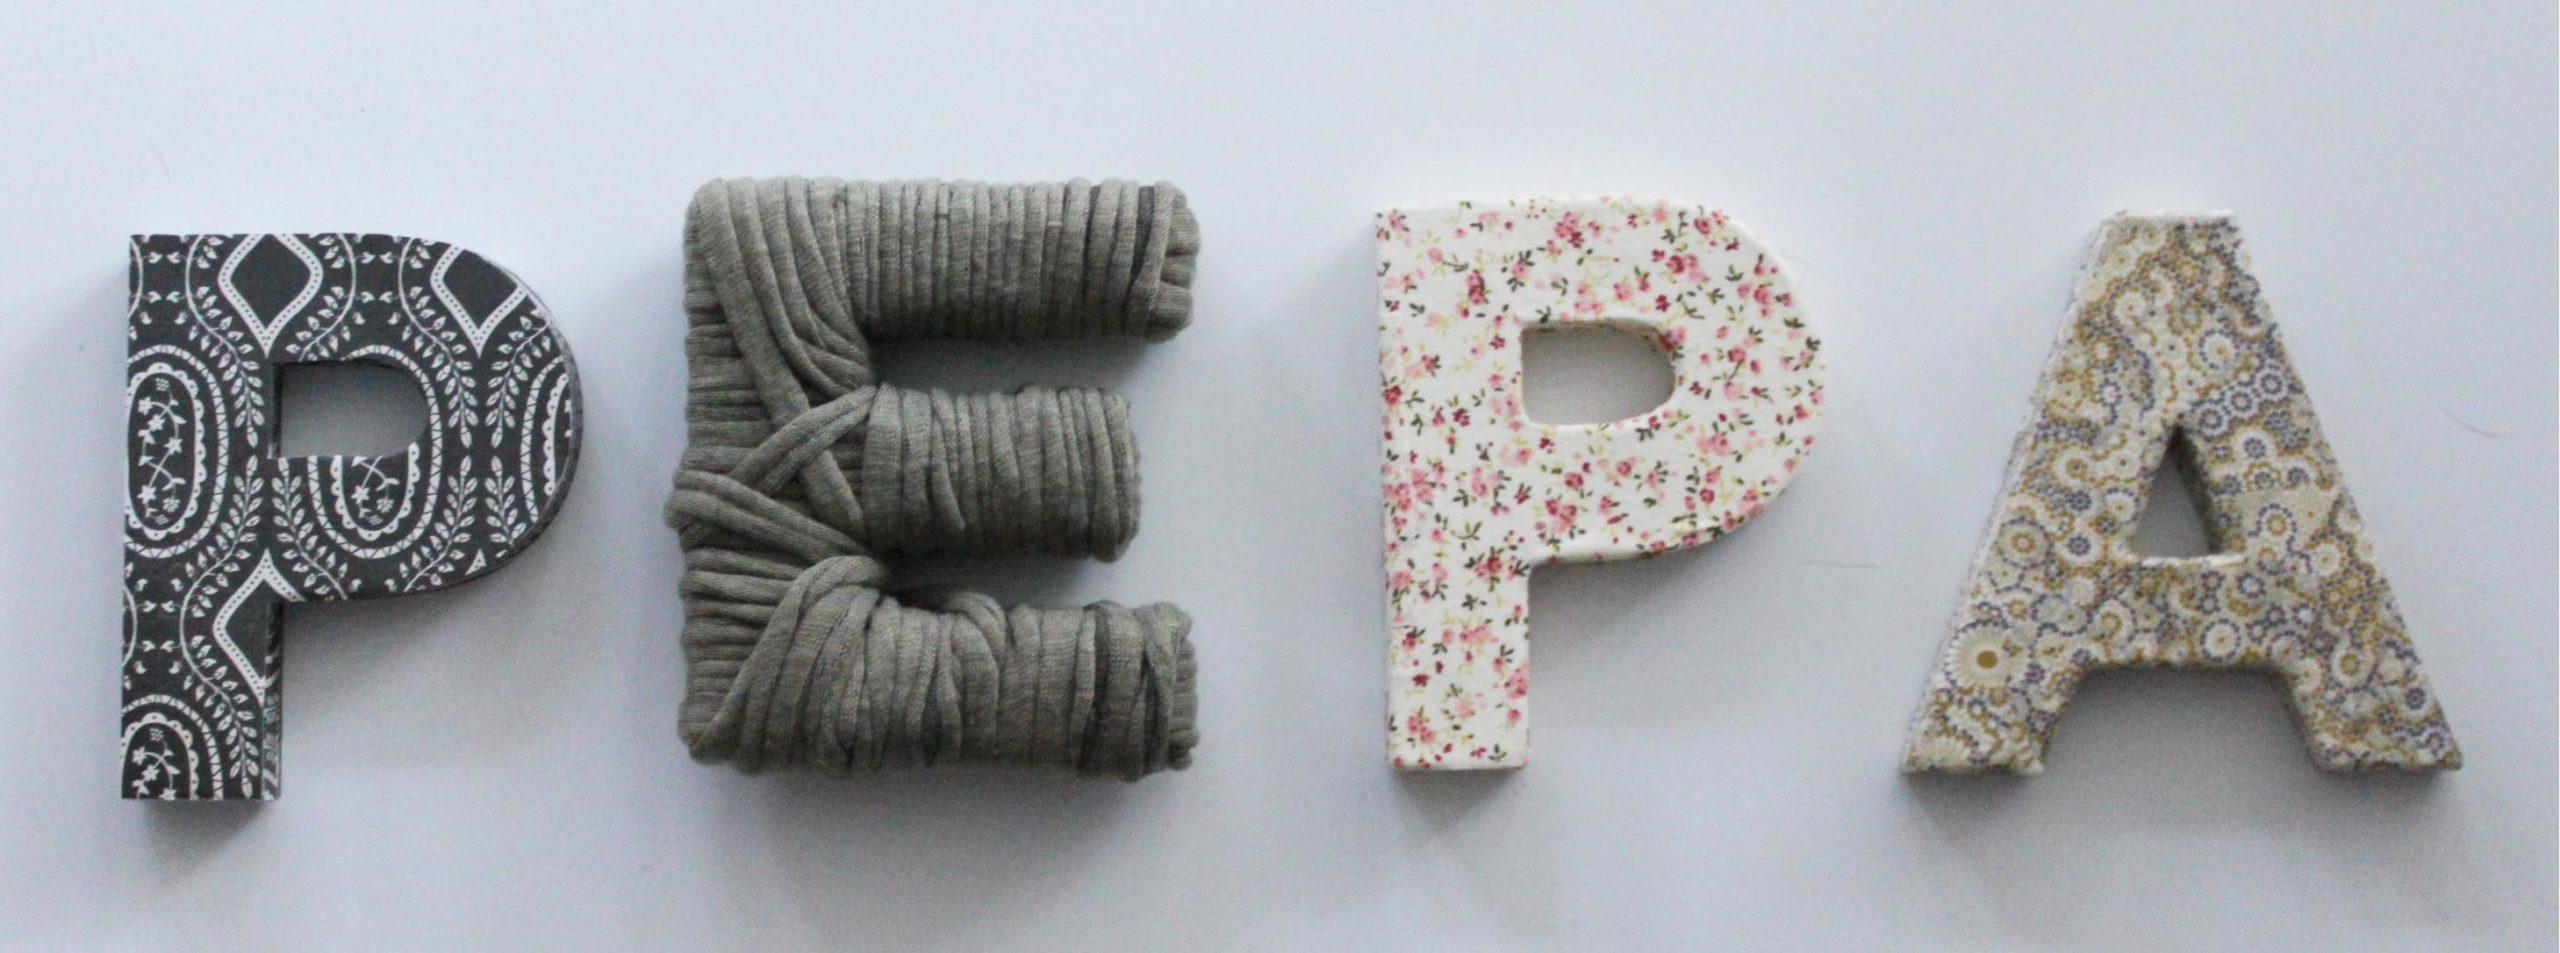 tutorial diy letras forradas Pepa Paper